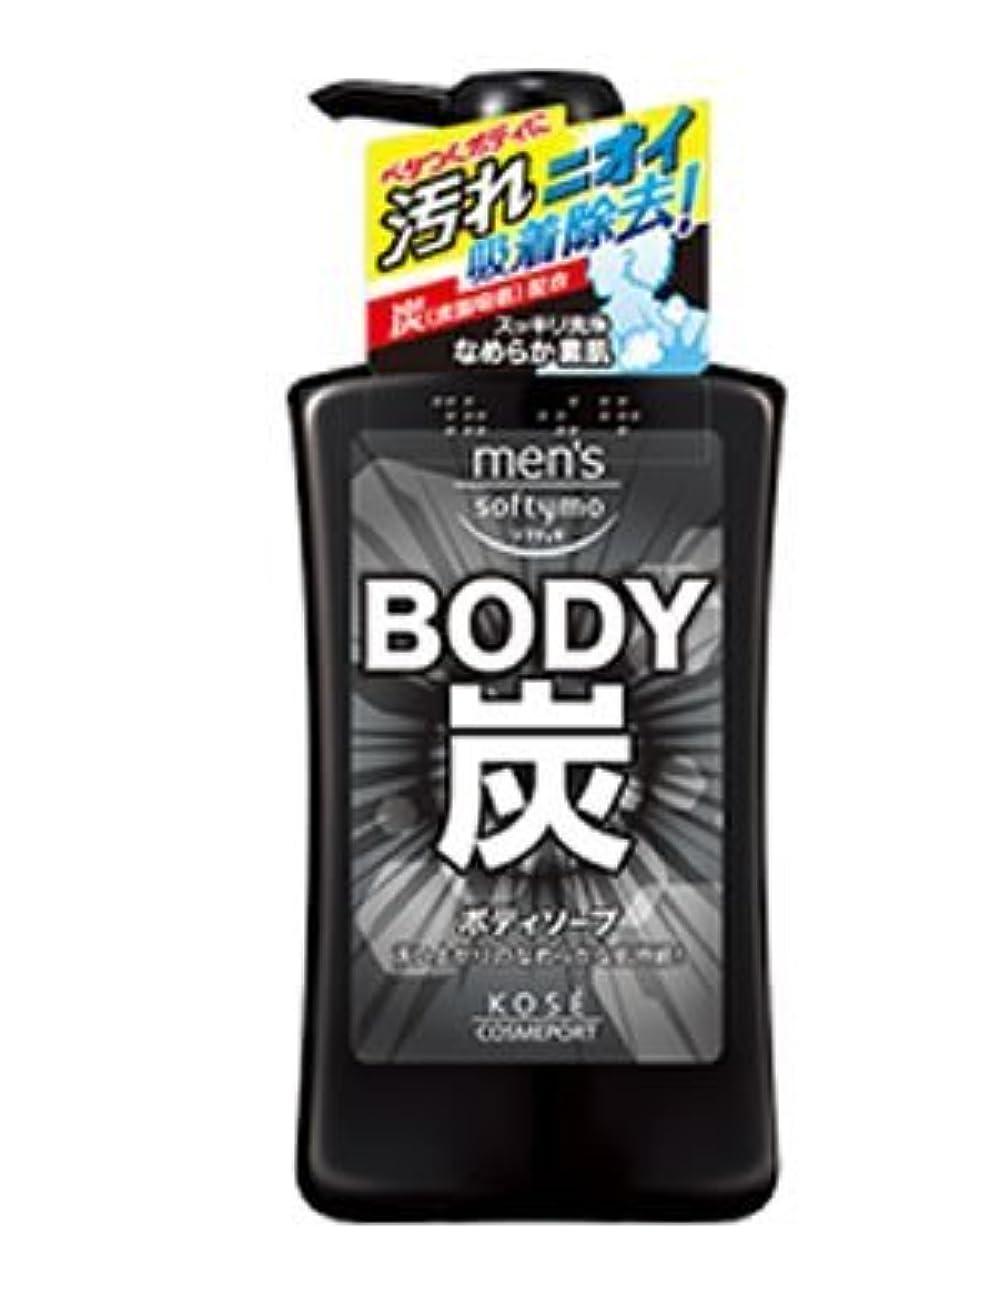 下セーターアカデミーコーセー(KOSE)メンズソフティモ ボディソープ(炭)シトラスミントの香り 550ml(お買い得3個セット)